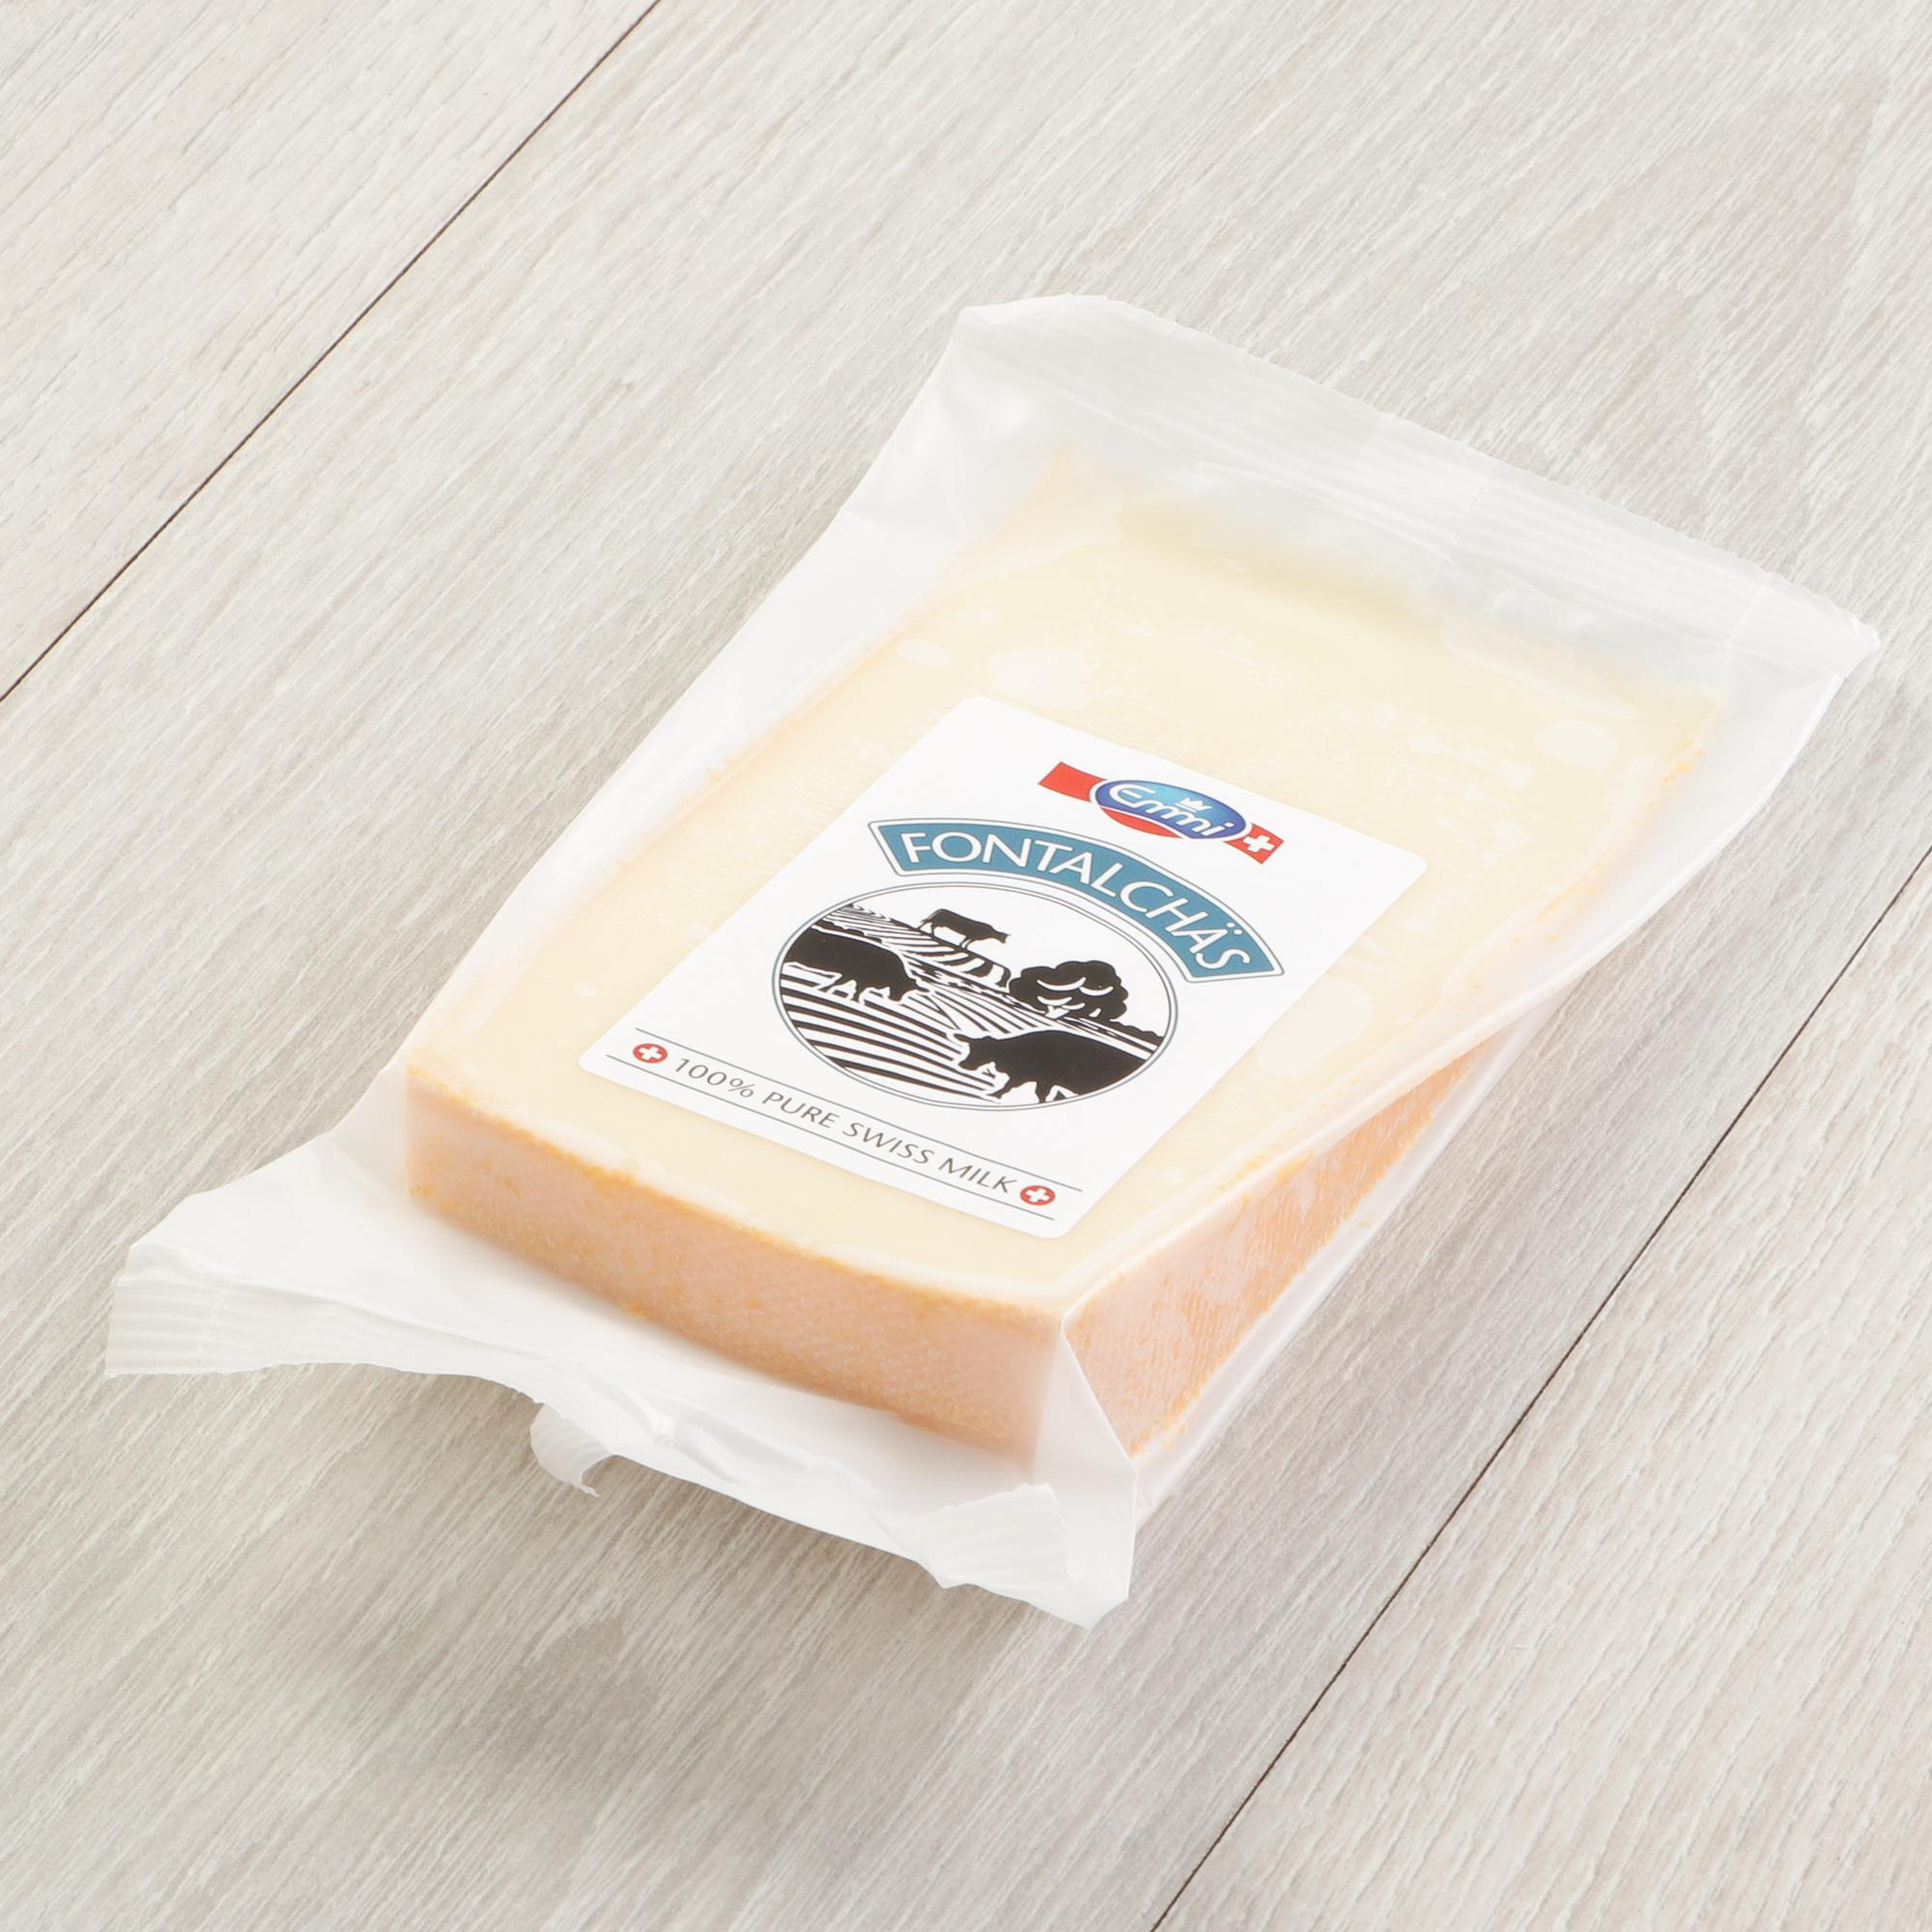 Купить Сыр Emmi Фонтальхас 45% 180 г, Сыр твердый